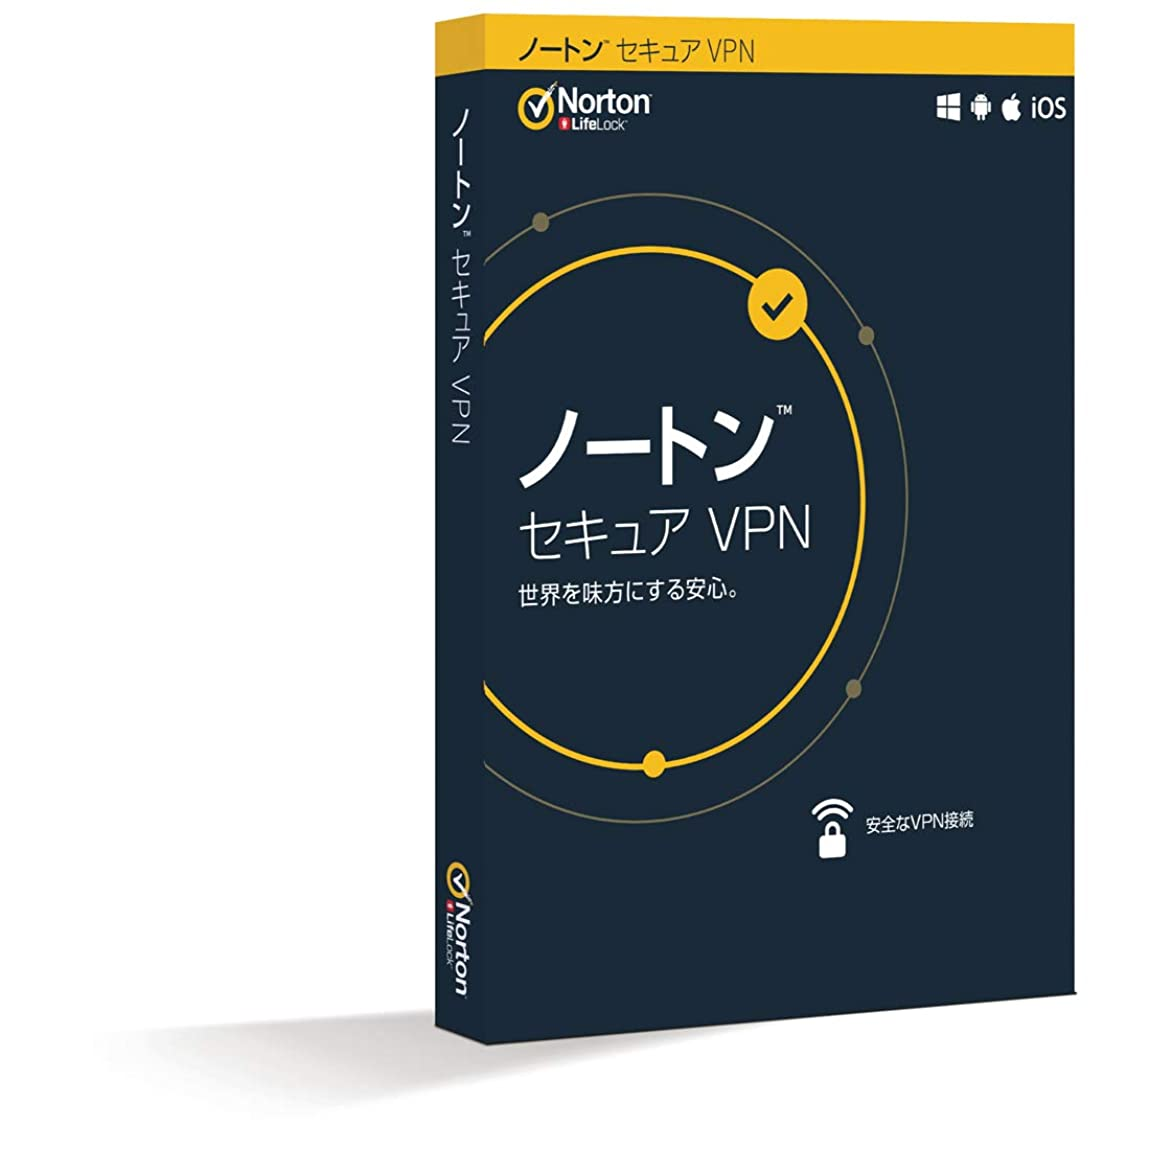 フラッシュのように素早くライター統計的ノートン セキュア VPN(最新)|1年1台版|パッケージ版|iOS/Windows/Android/Macintosh対応